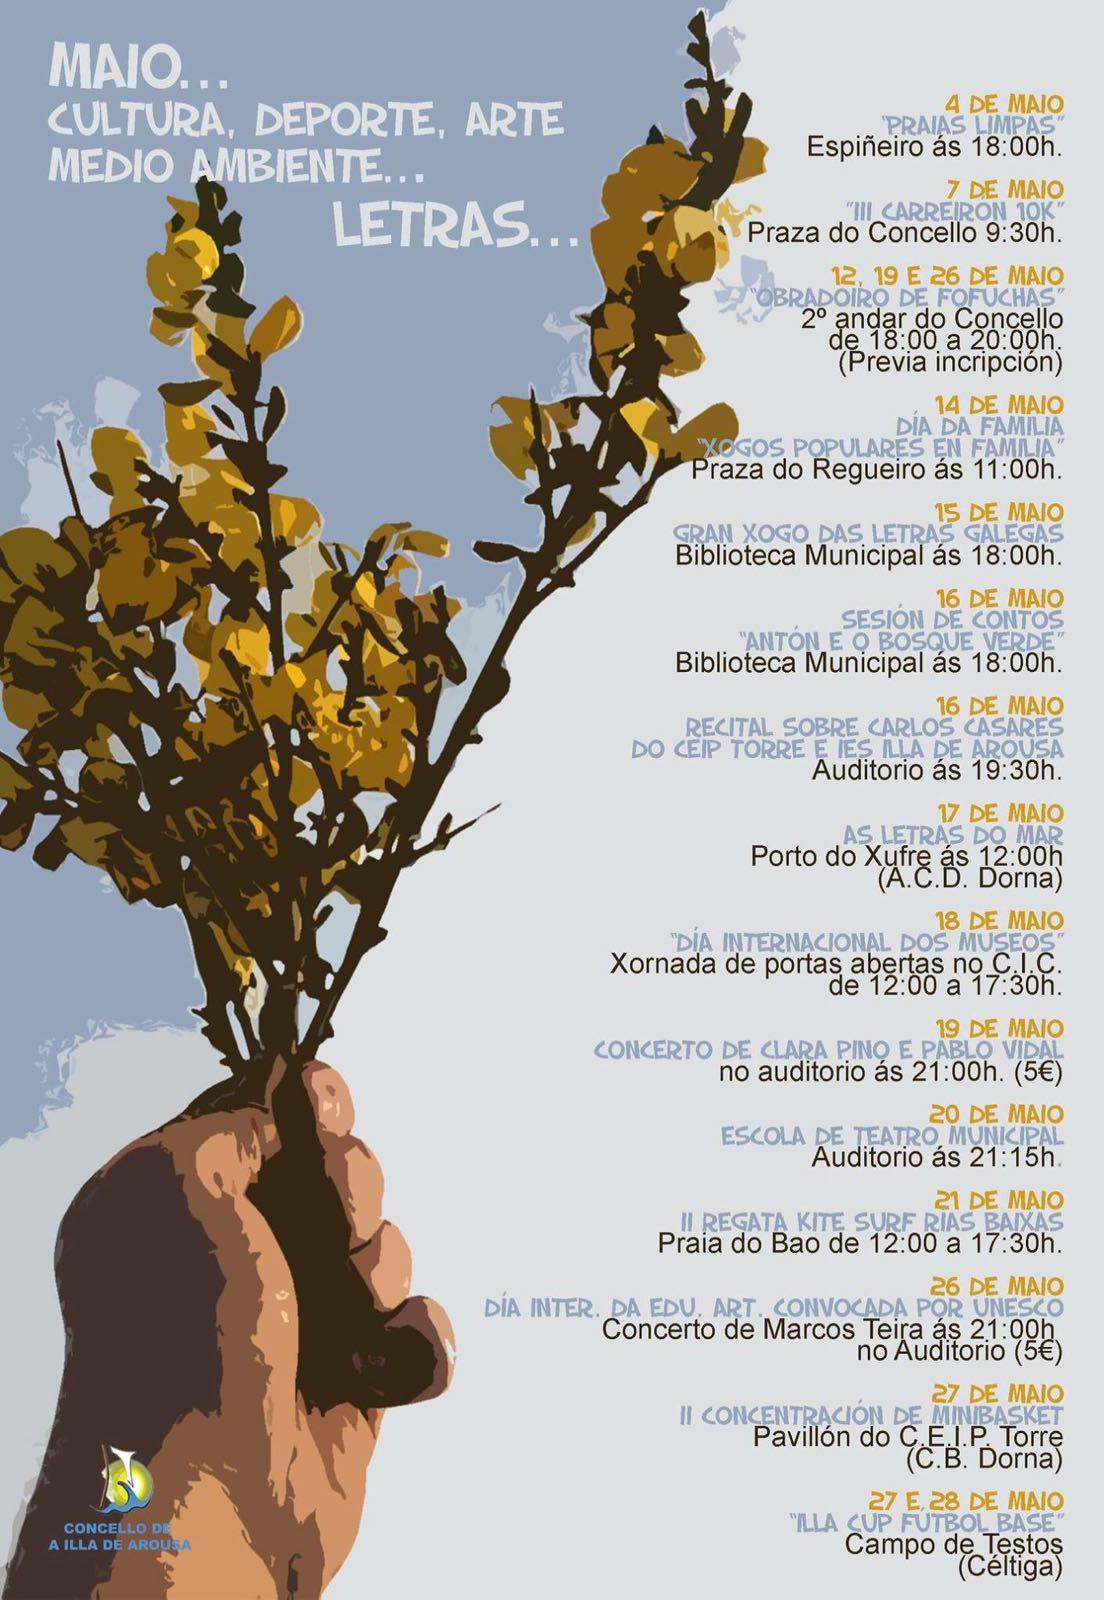 AXENDA MAIO: CULTURA, DEPORTES, ARTE, MEDIO AMBIENTE, LETRAS…